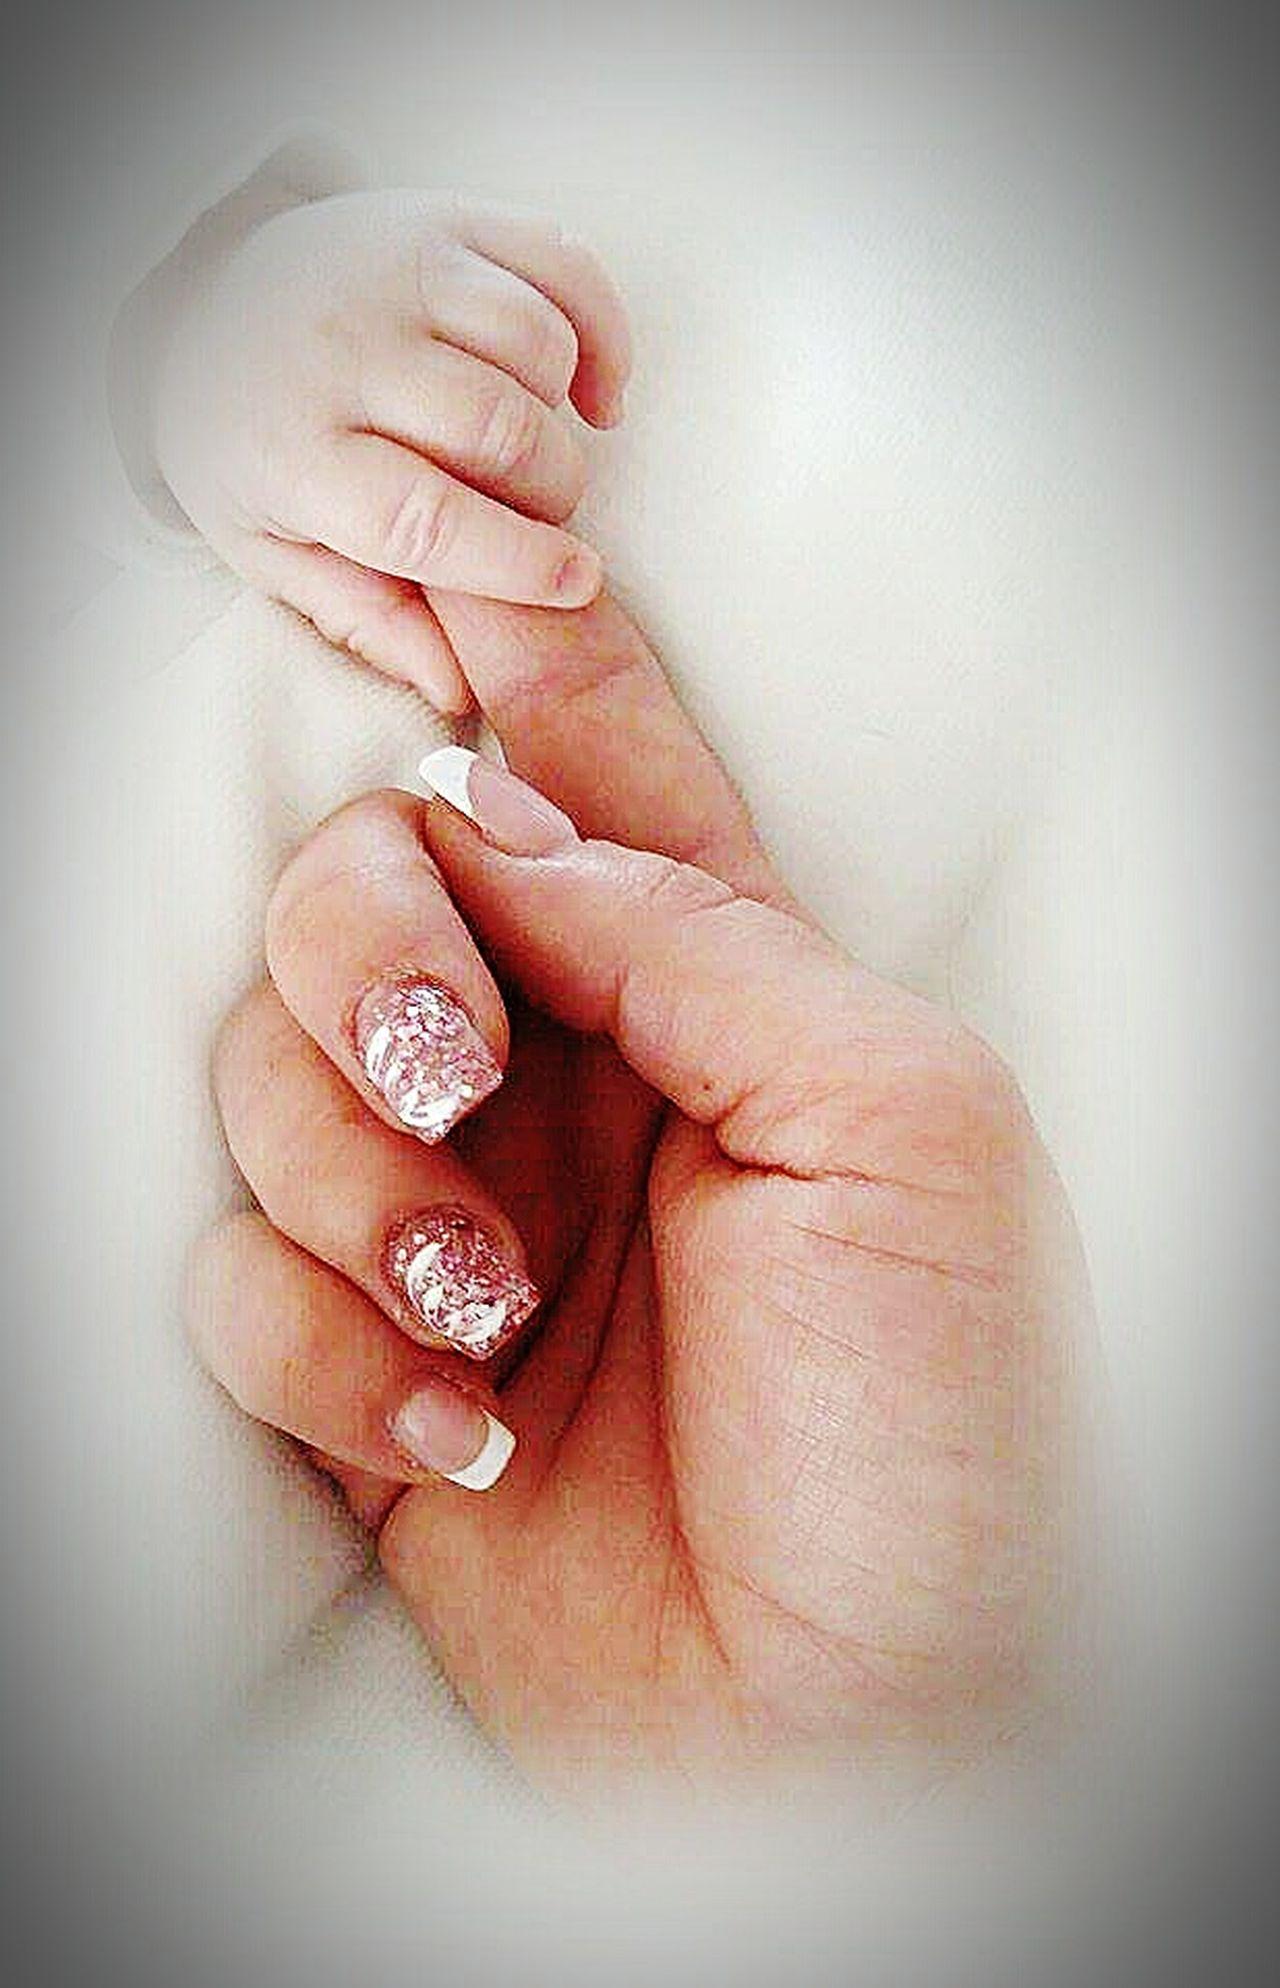 Les mains d'une mère et de son enfant Main Maman Enfant Amour